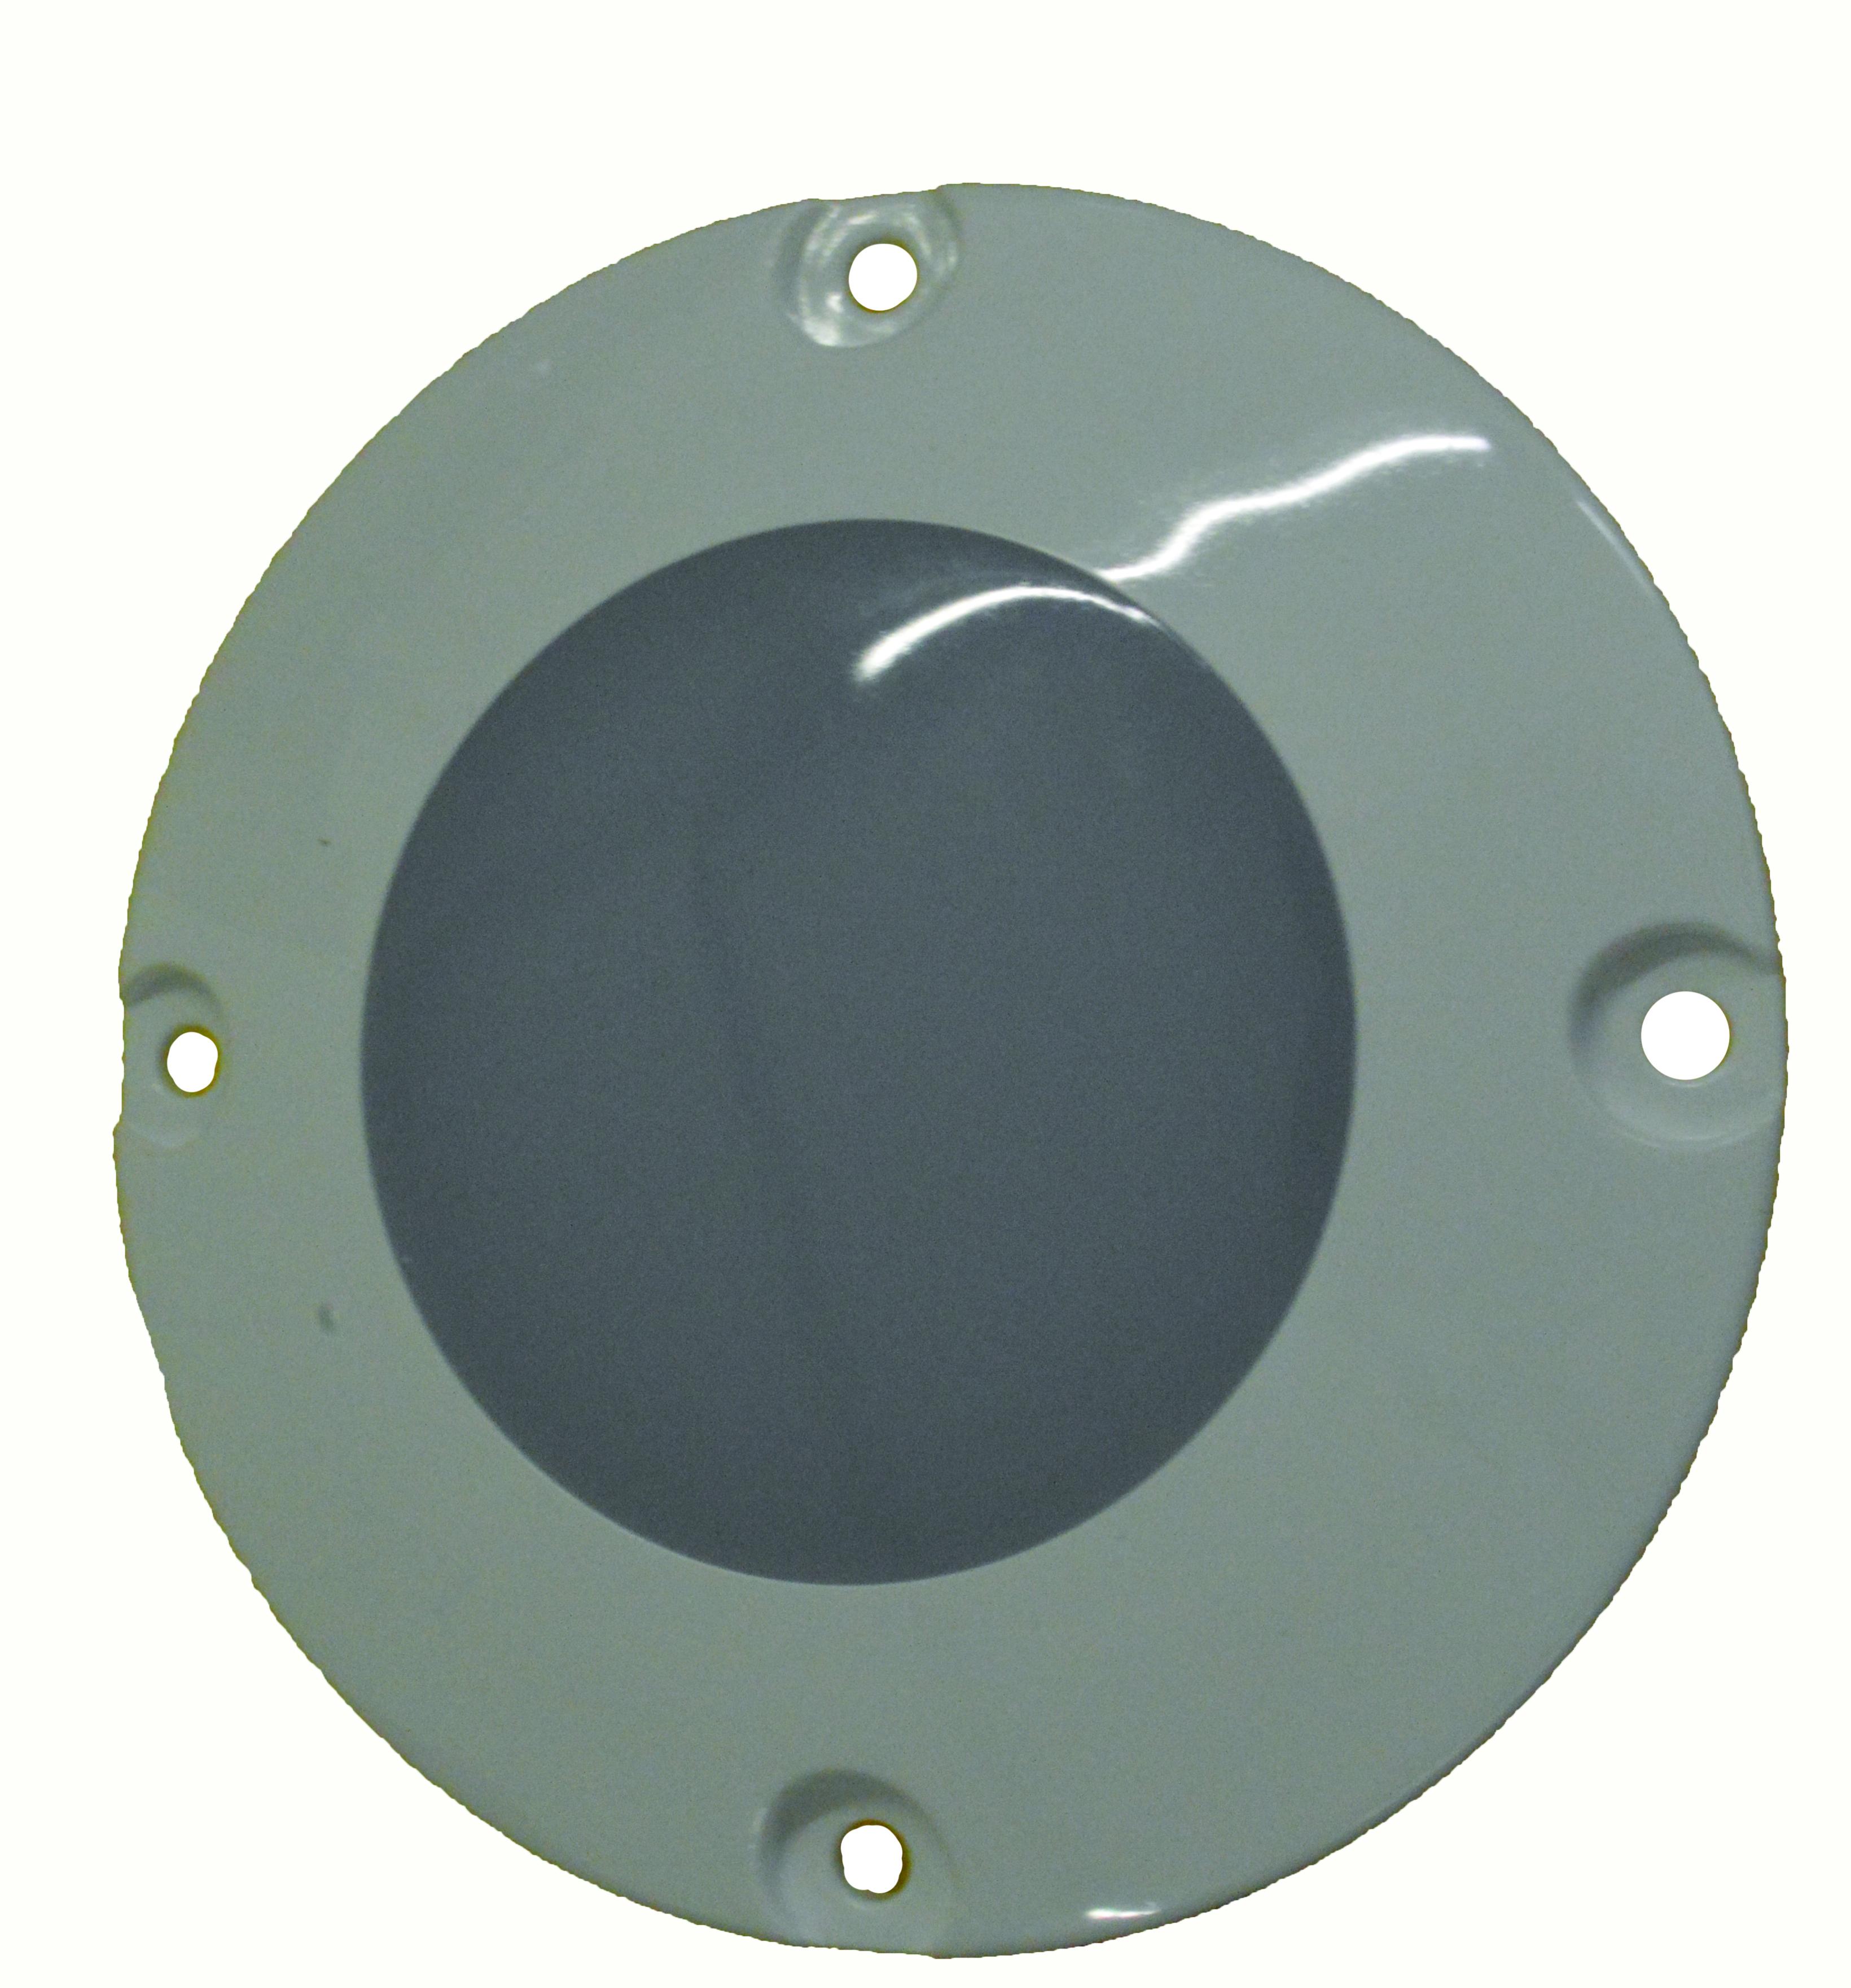 44.29 - Πλαφονιέρα Χωνευτή LED 105mm